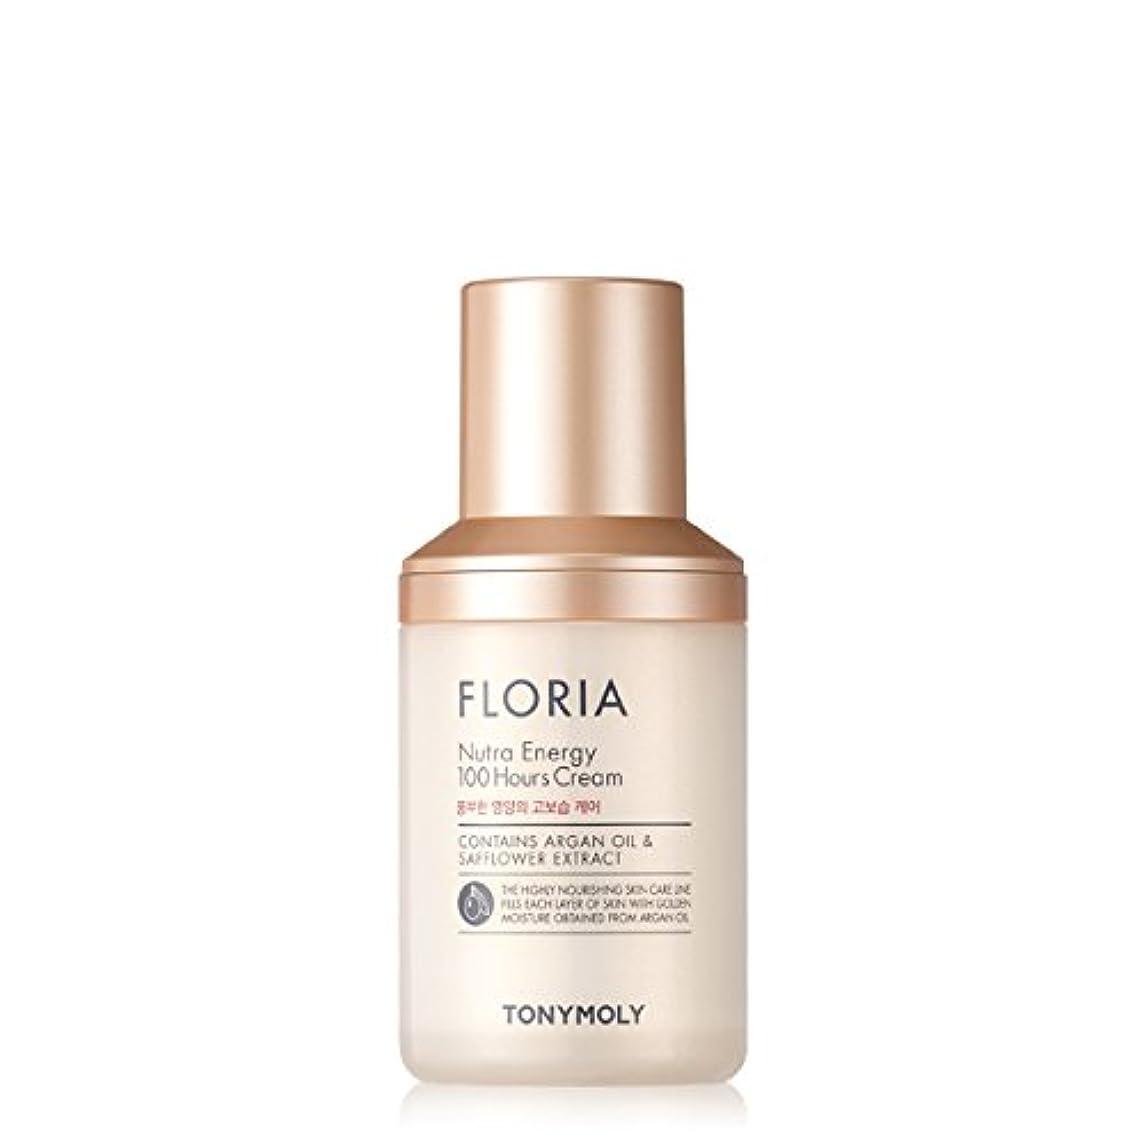 不忠隣接するよろしく[NEW] TONY MOLY Floria Nutra energy 100 hours Cream 50ml トニーモリー フローリア ニュートラ エナジー 100時間 クリーム 50ml [並行輸入品]